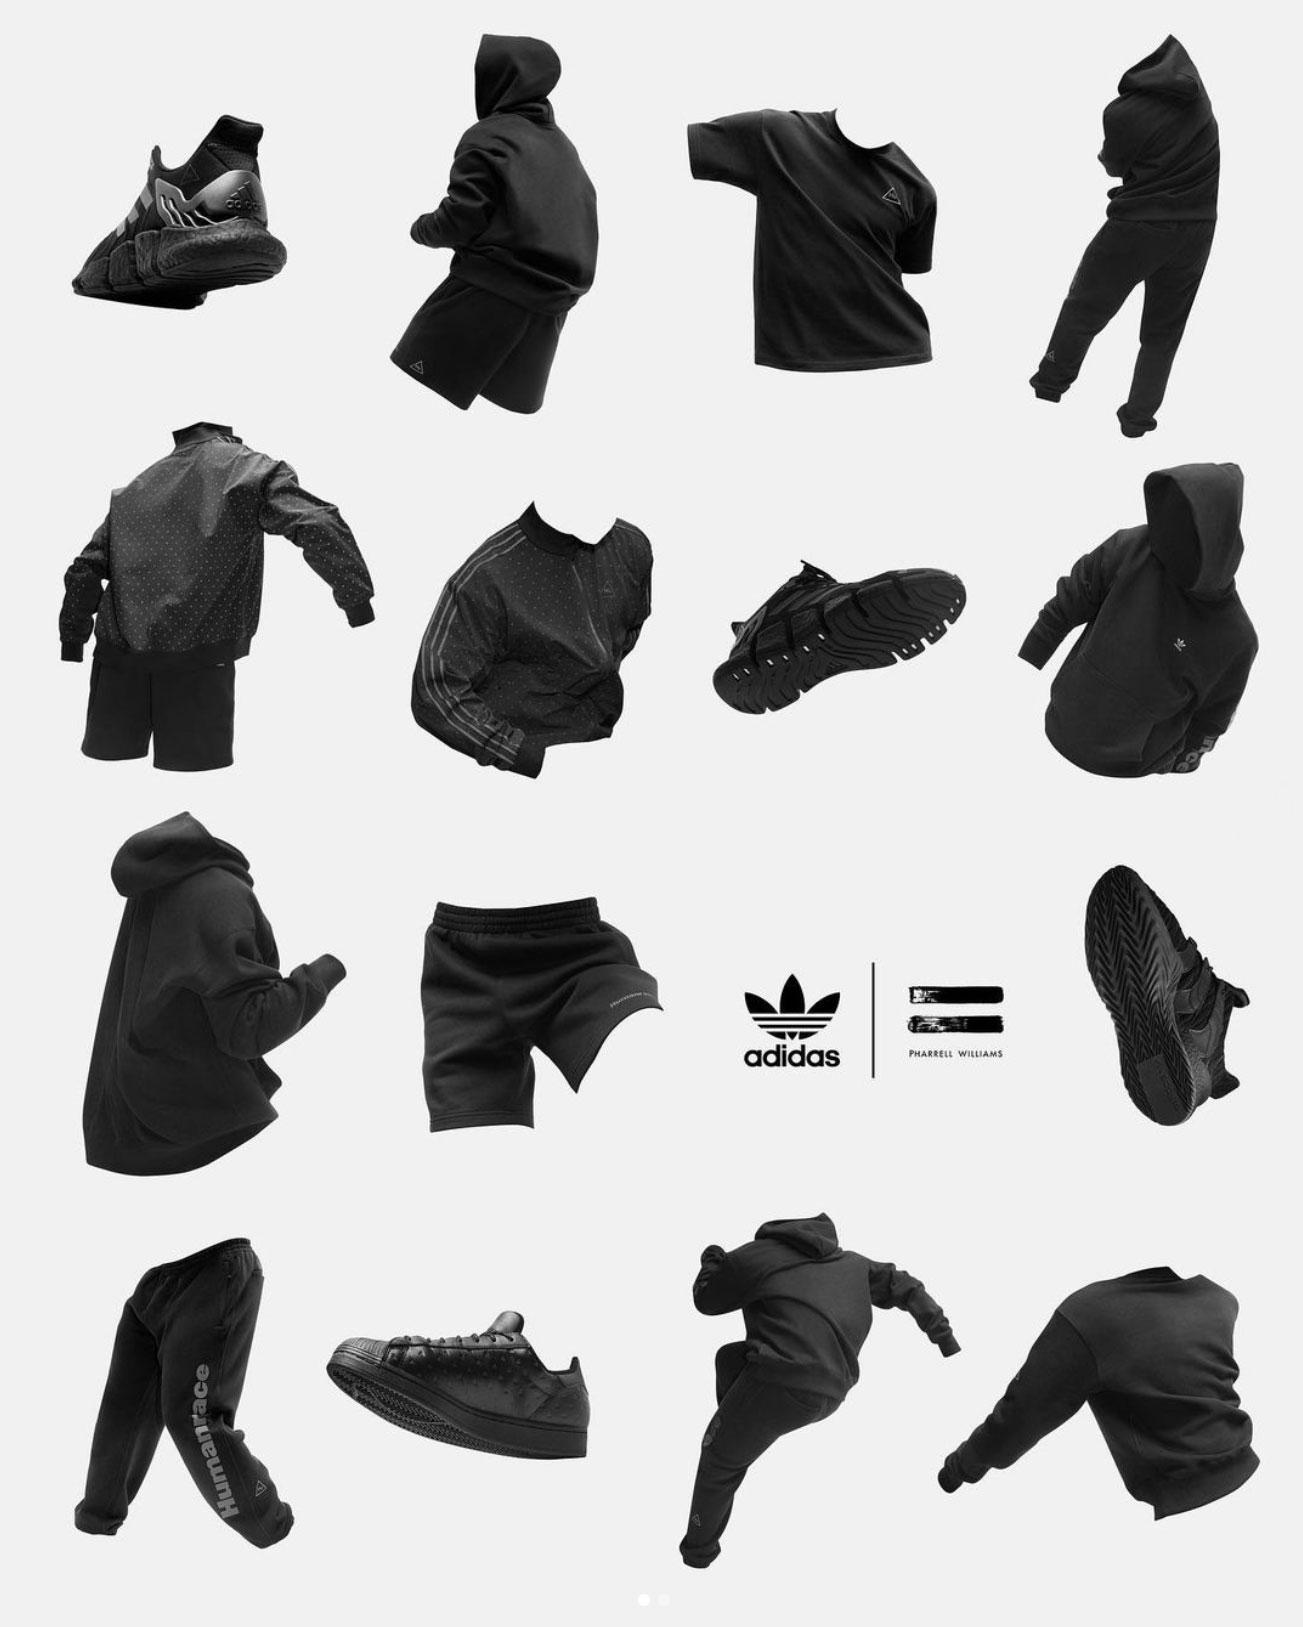 adidas-pharrell-williams-triple-black-clothing-shoes